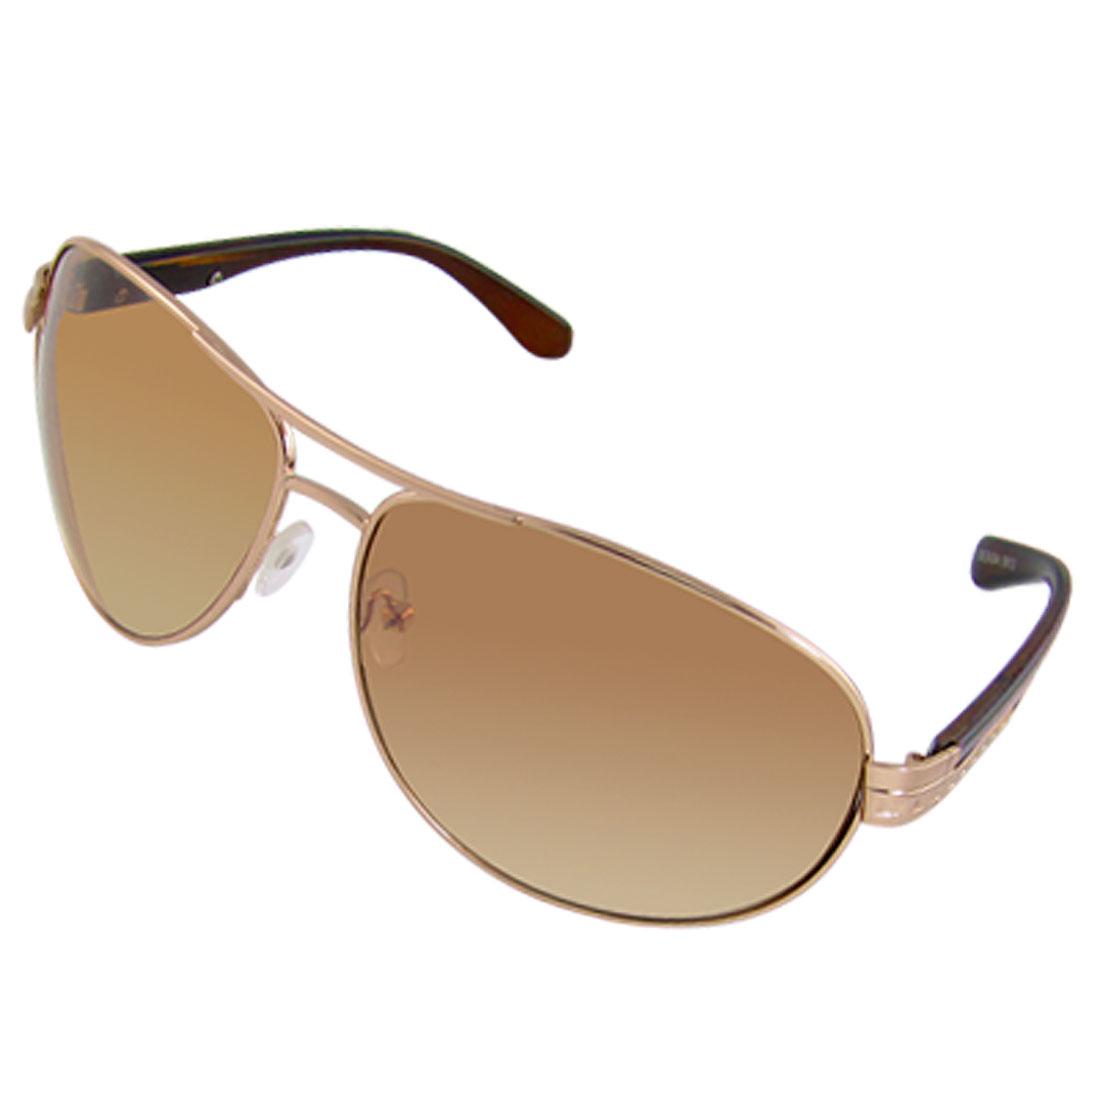 Copper Color Square Alloy Decor Arm Man Sports Sunglasses